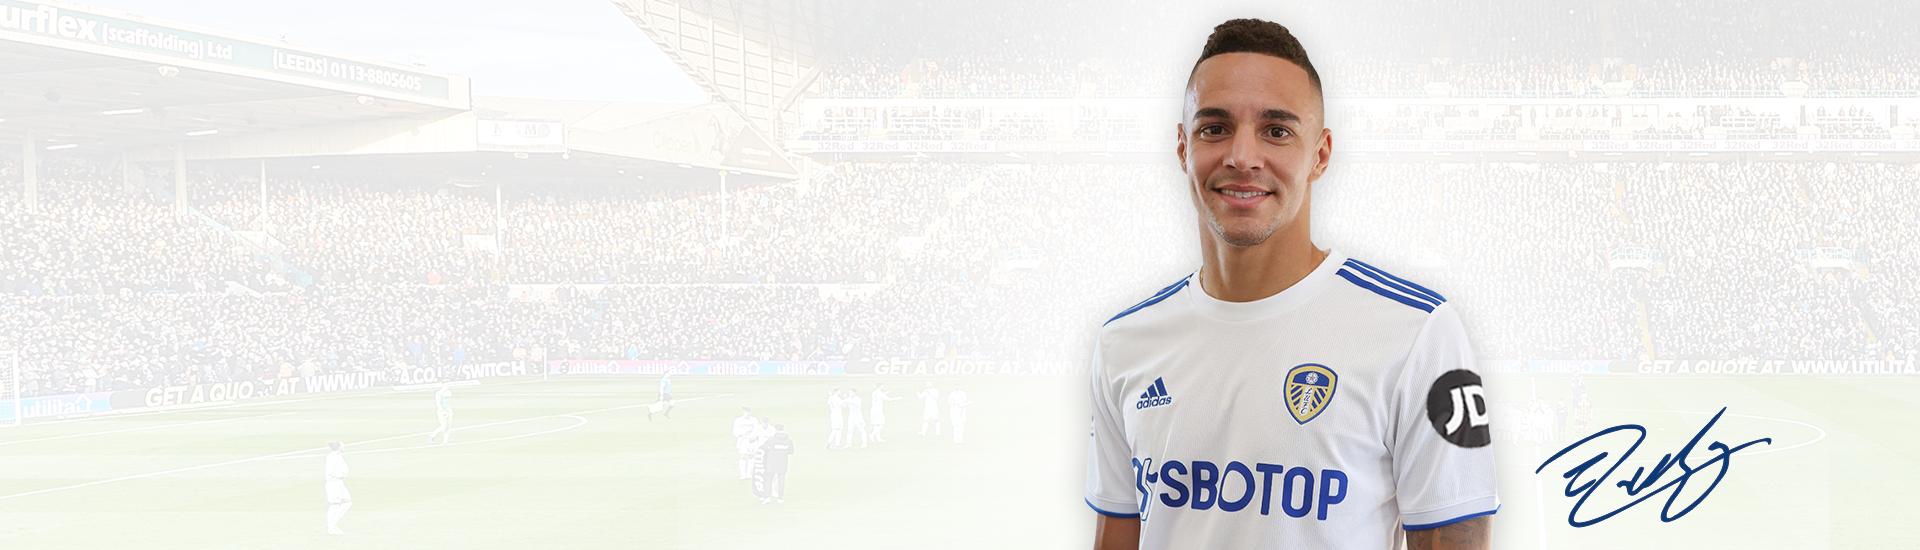 Leeds United complete Rodrigo transfer - Leeds United